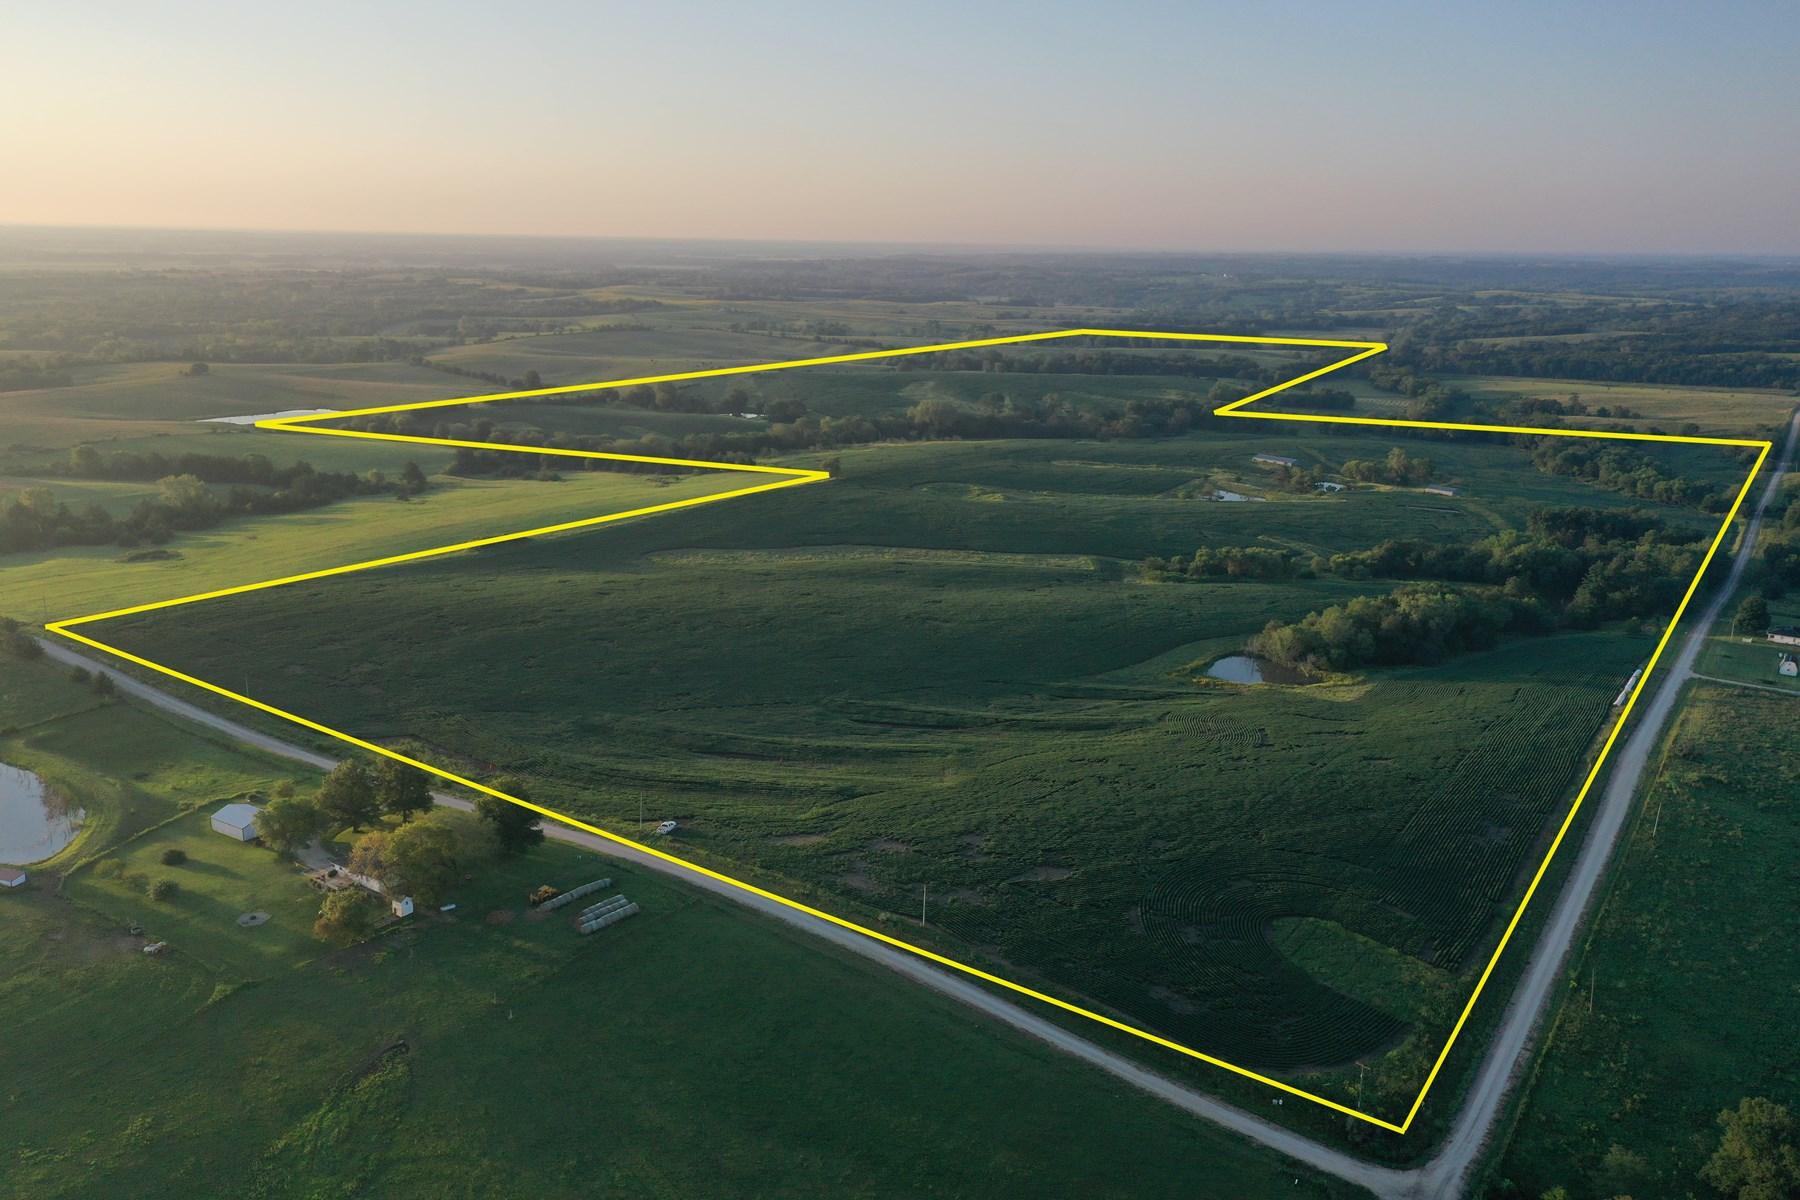 For Sale 180 Acres m/ Row Crop Farm